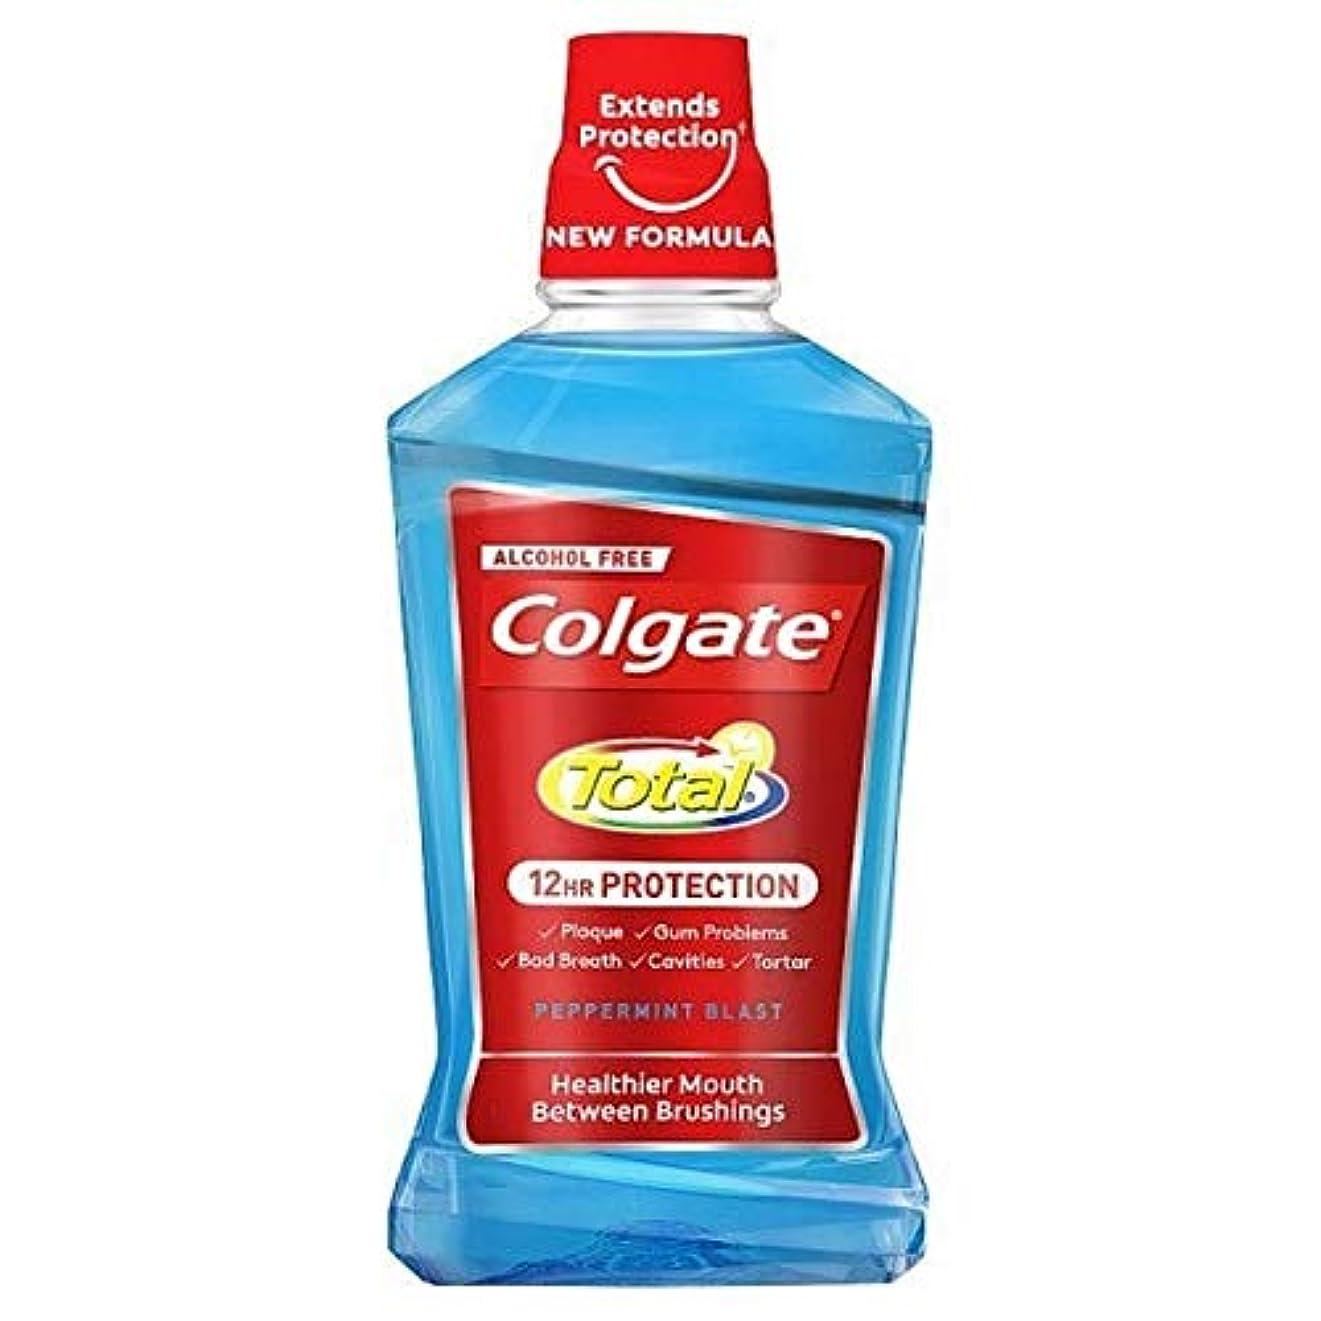 範囲延ばす認可[Colgate ] コルゲートトータルペパーミントブラストマウスウォッシュ500ミリリットル - Colgate Total Peppermint Blast Mouthwash 500ml [並行輸入品]